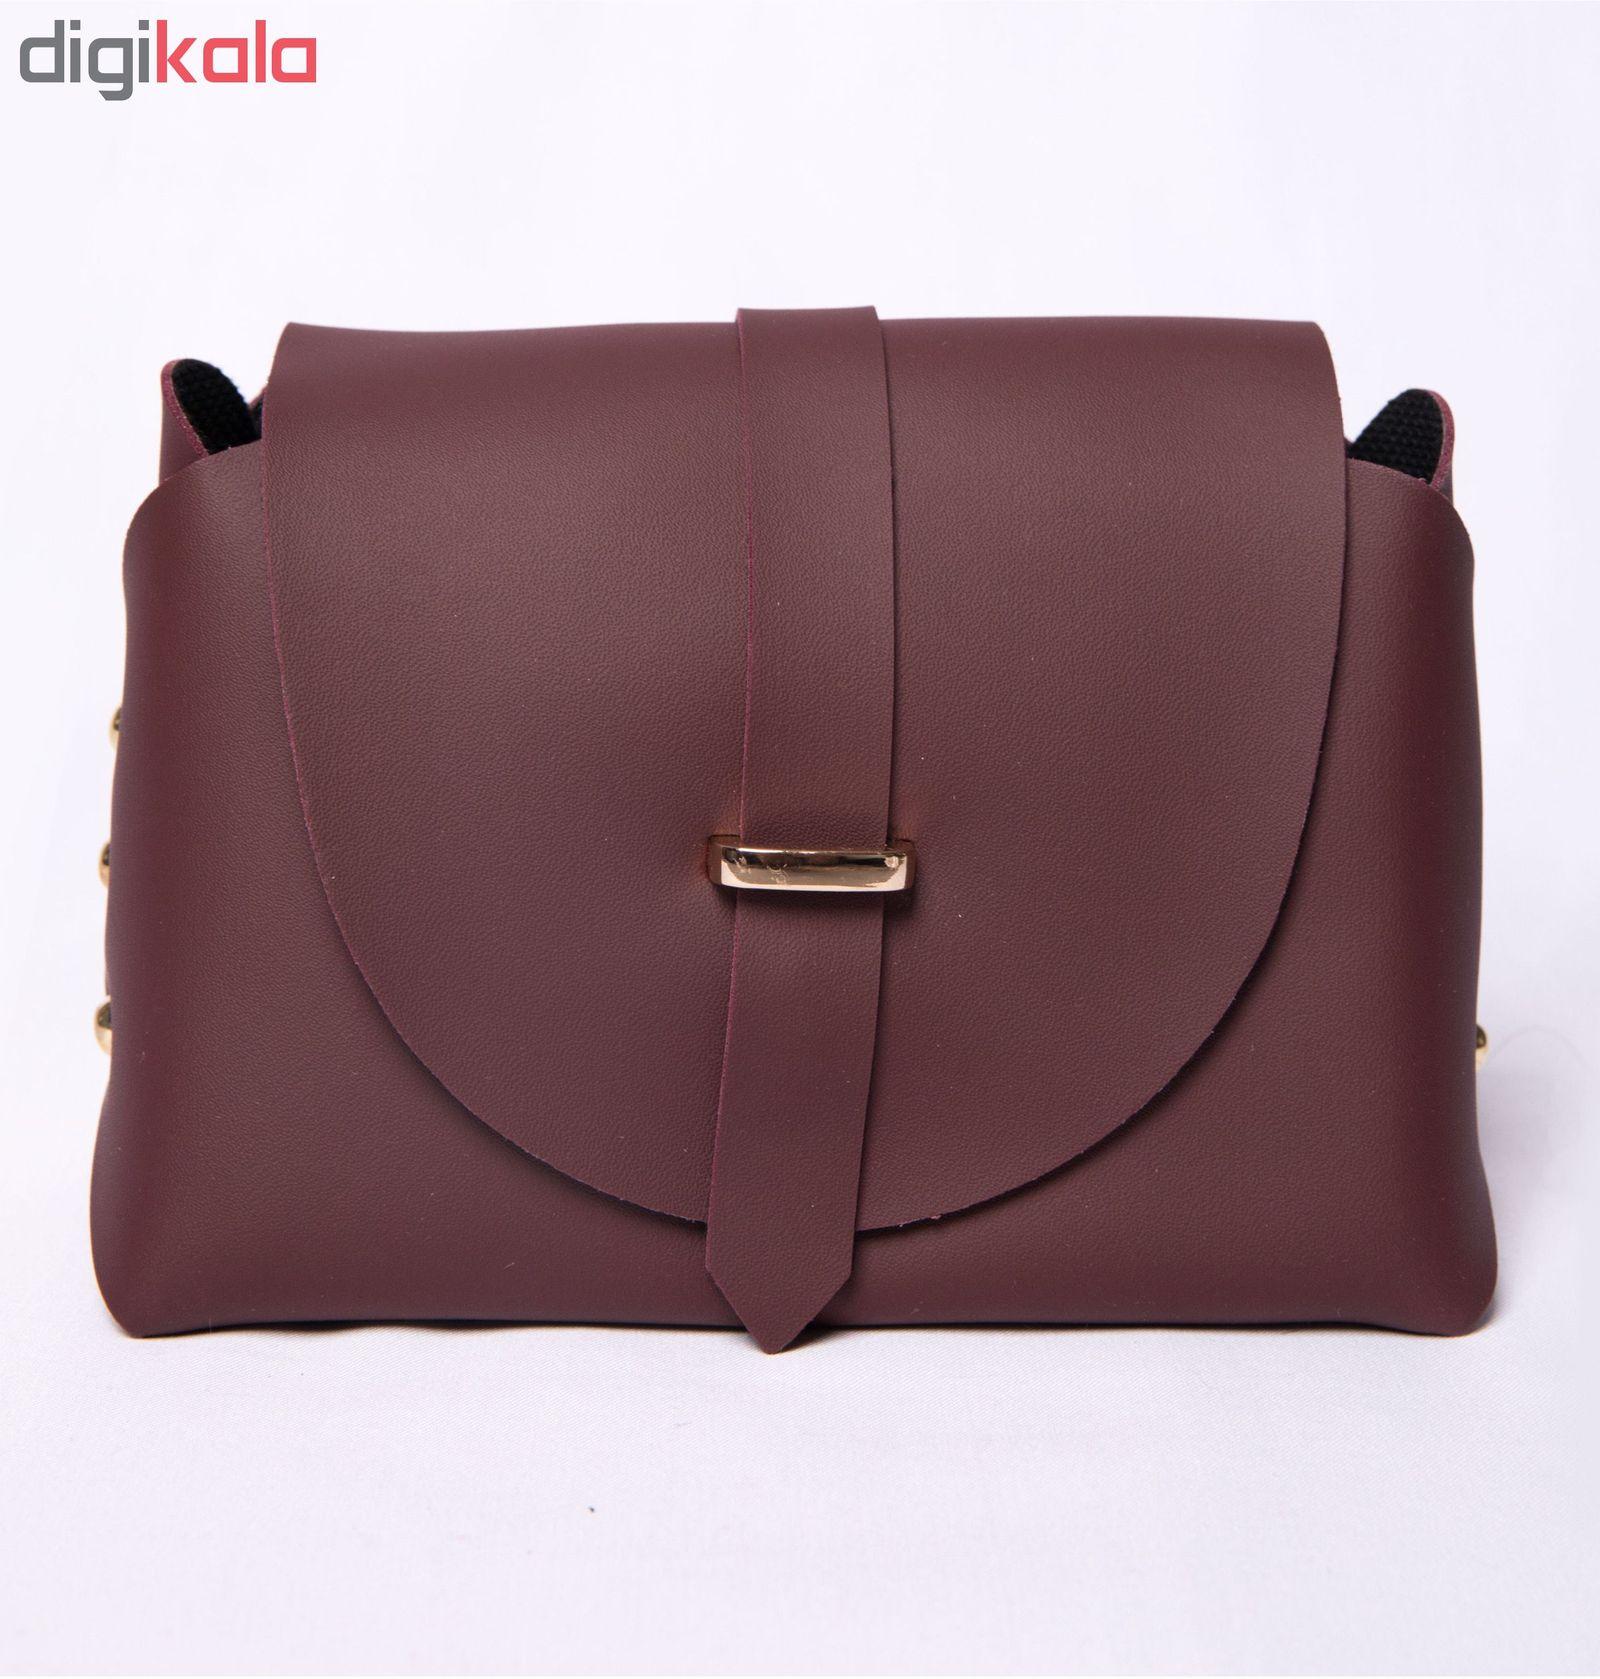 کیف دوشی زنانه مدل روشا -  - 14